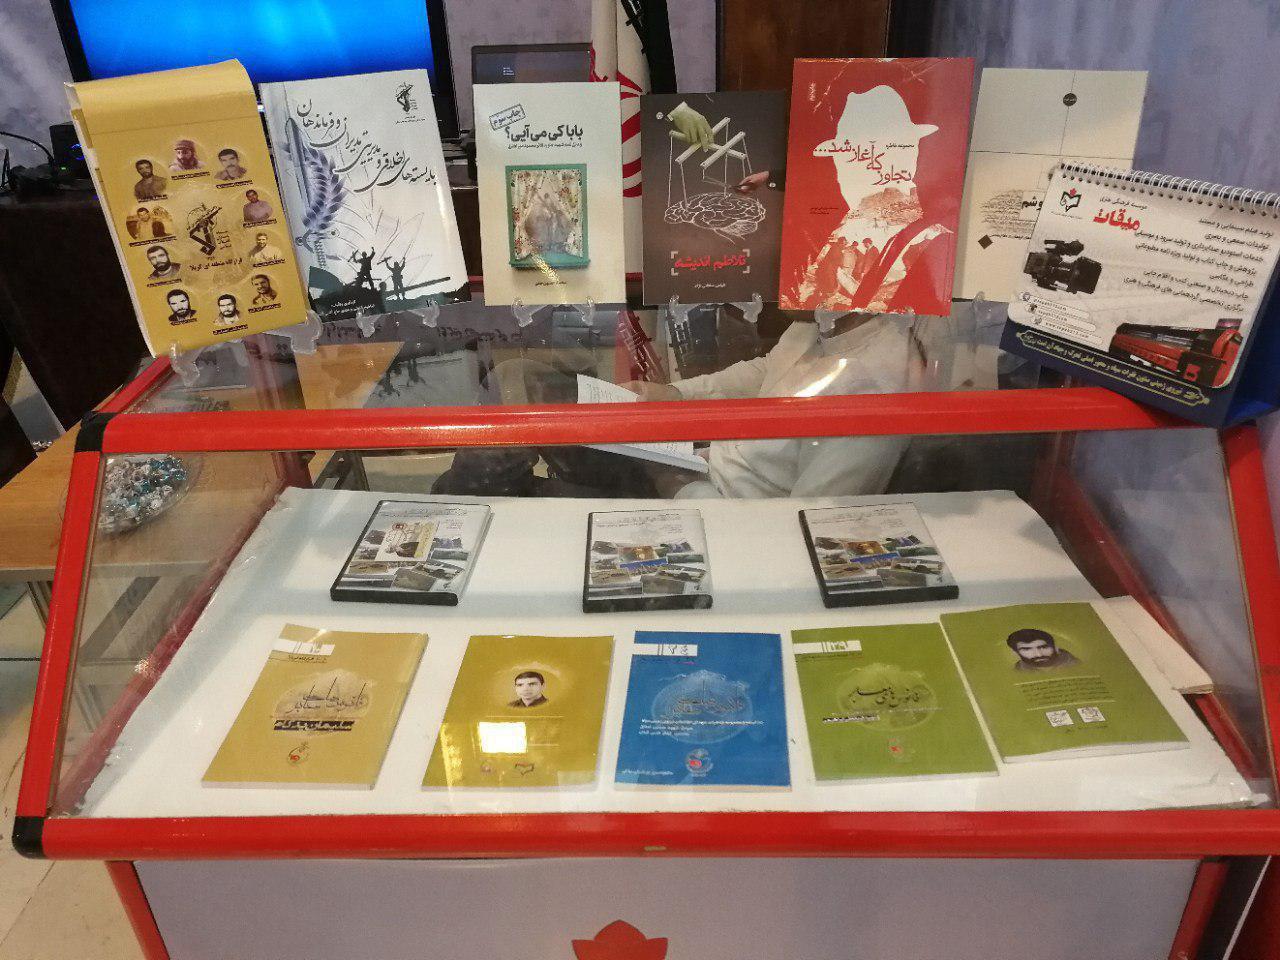 ناشرانی که بیانیه گام دوم انقلاب را در نمایشگاه کتاب محوریت قرار دادند